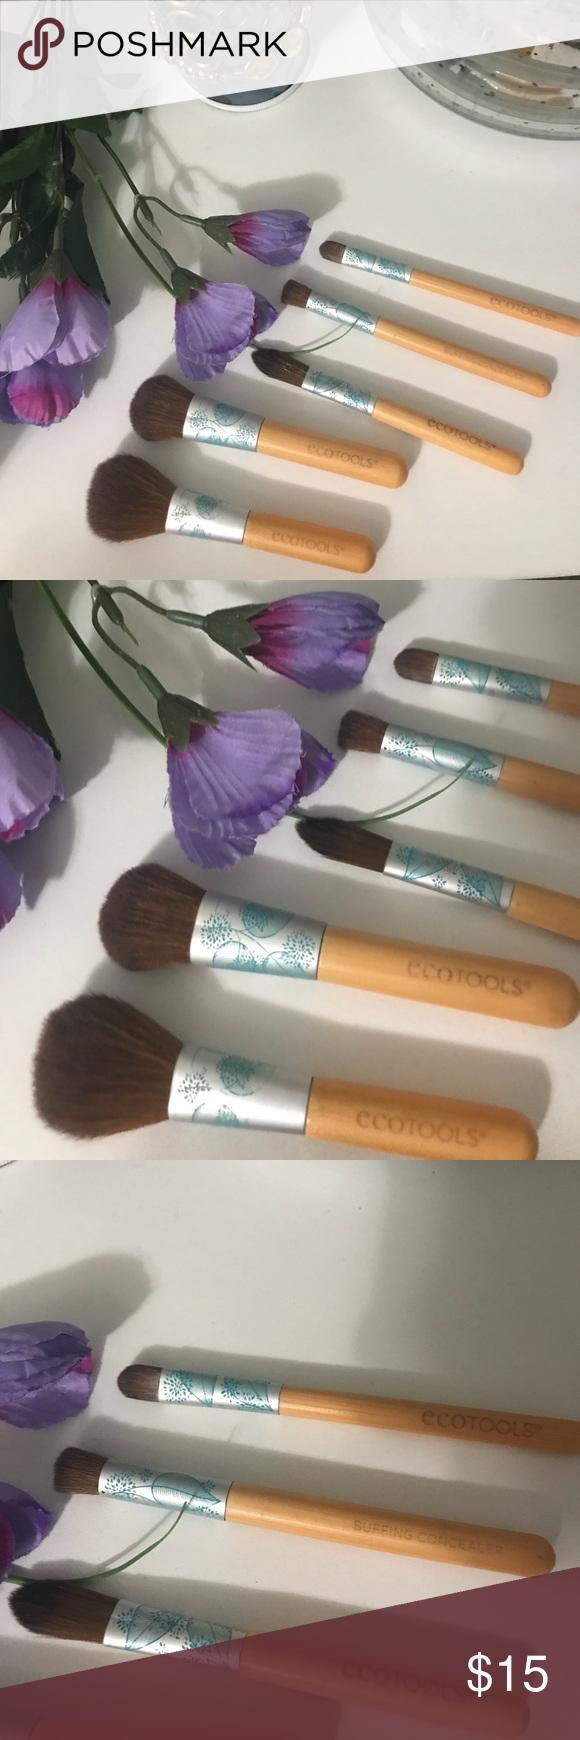 Eco Tools bamboo makeup brushes 5 piece set Bamboo